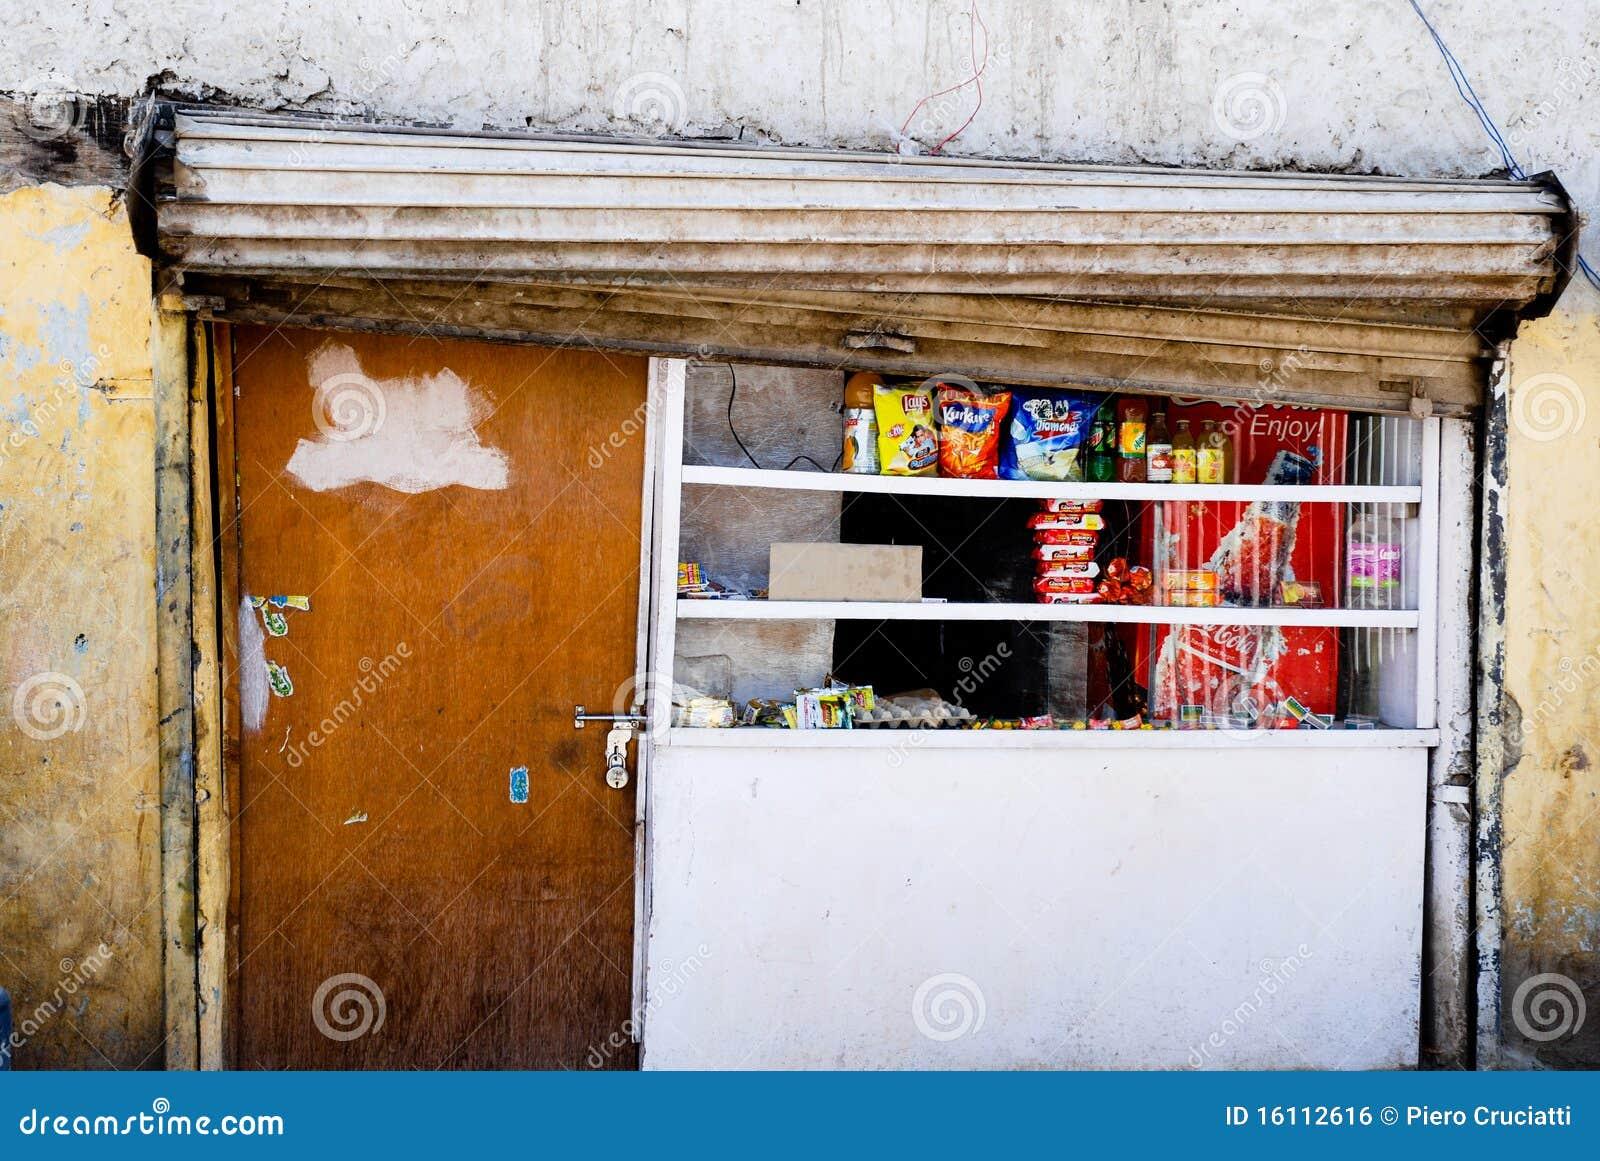 Grocery shop in leh editorial photo image 16112616 for Door design kashmir